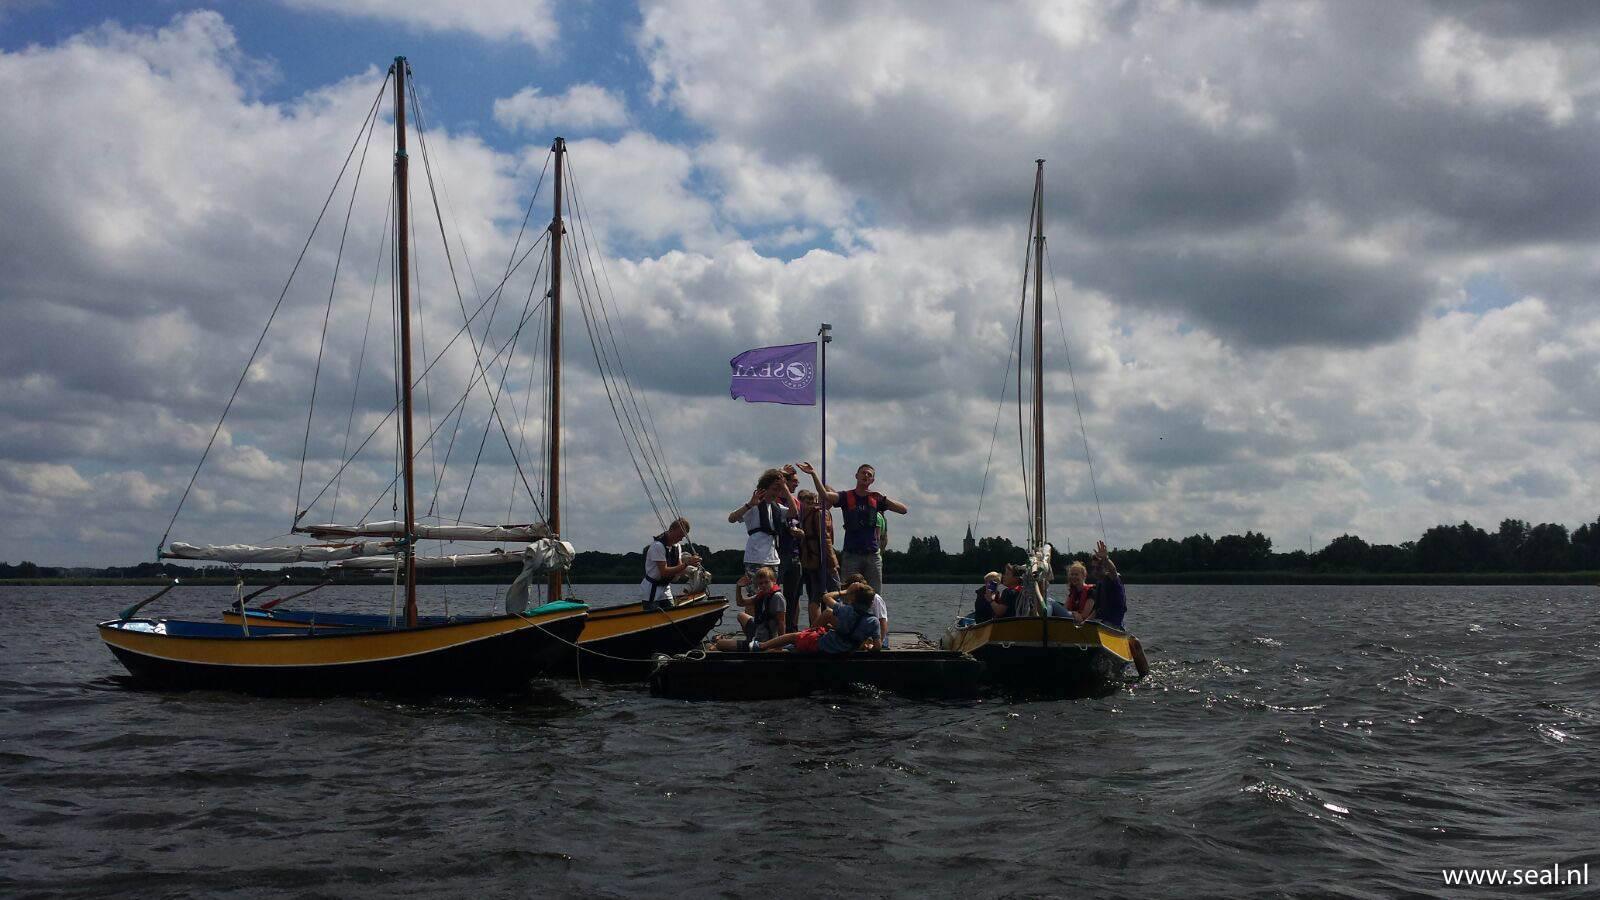 www.seal.nl